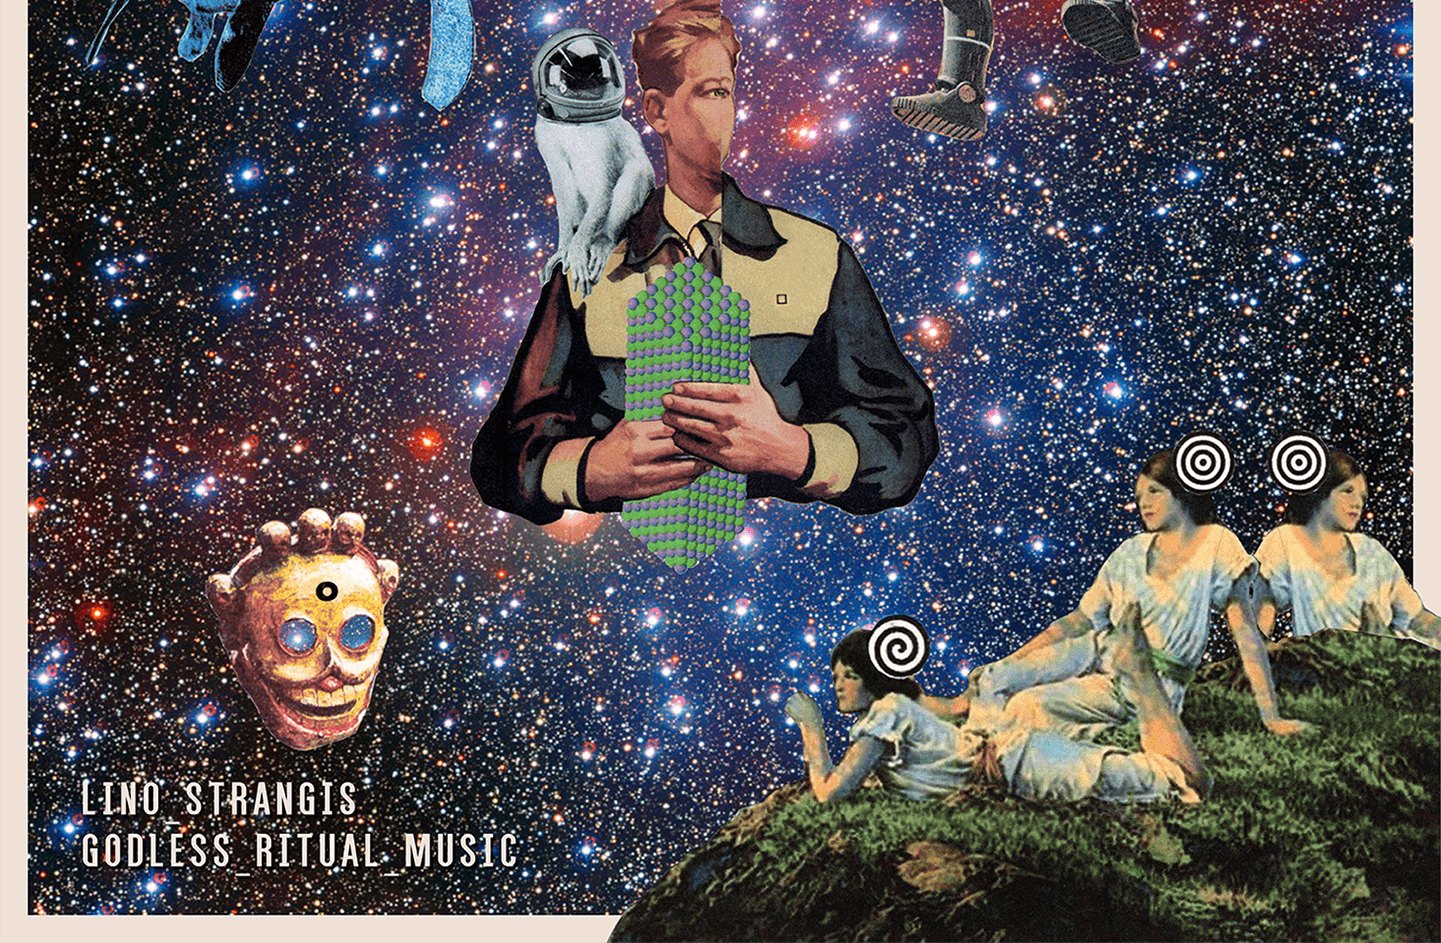 Godless ritual music